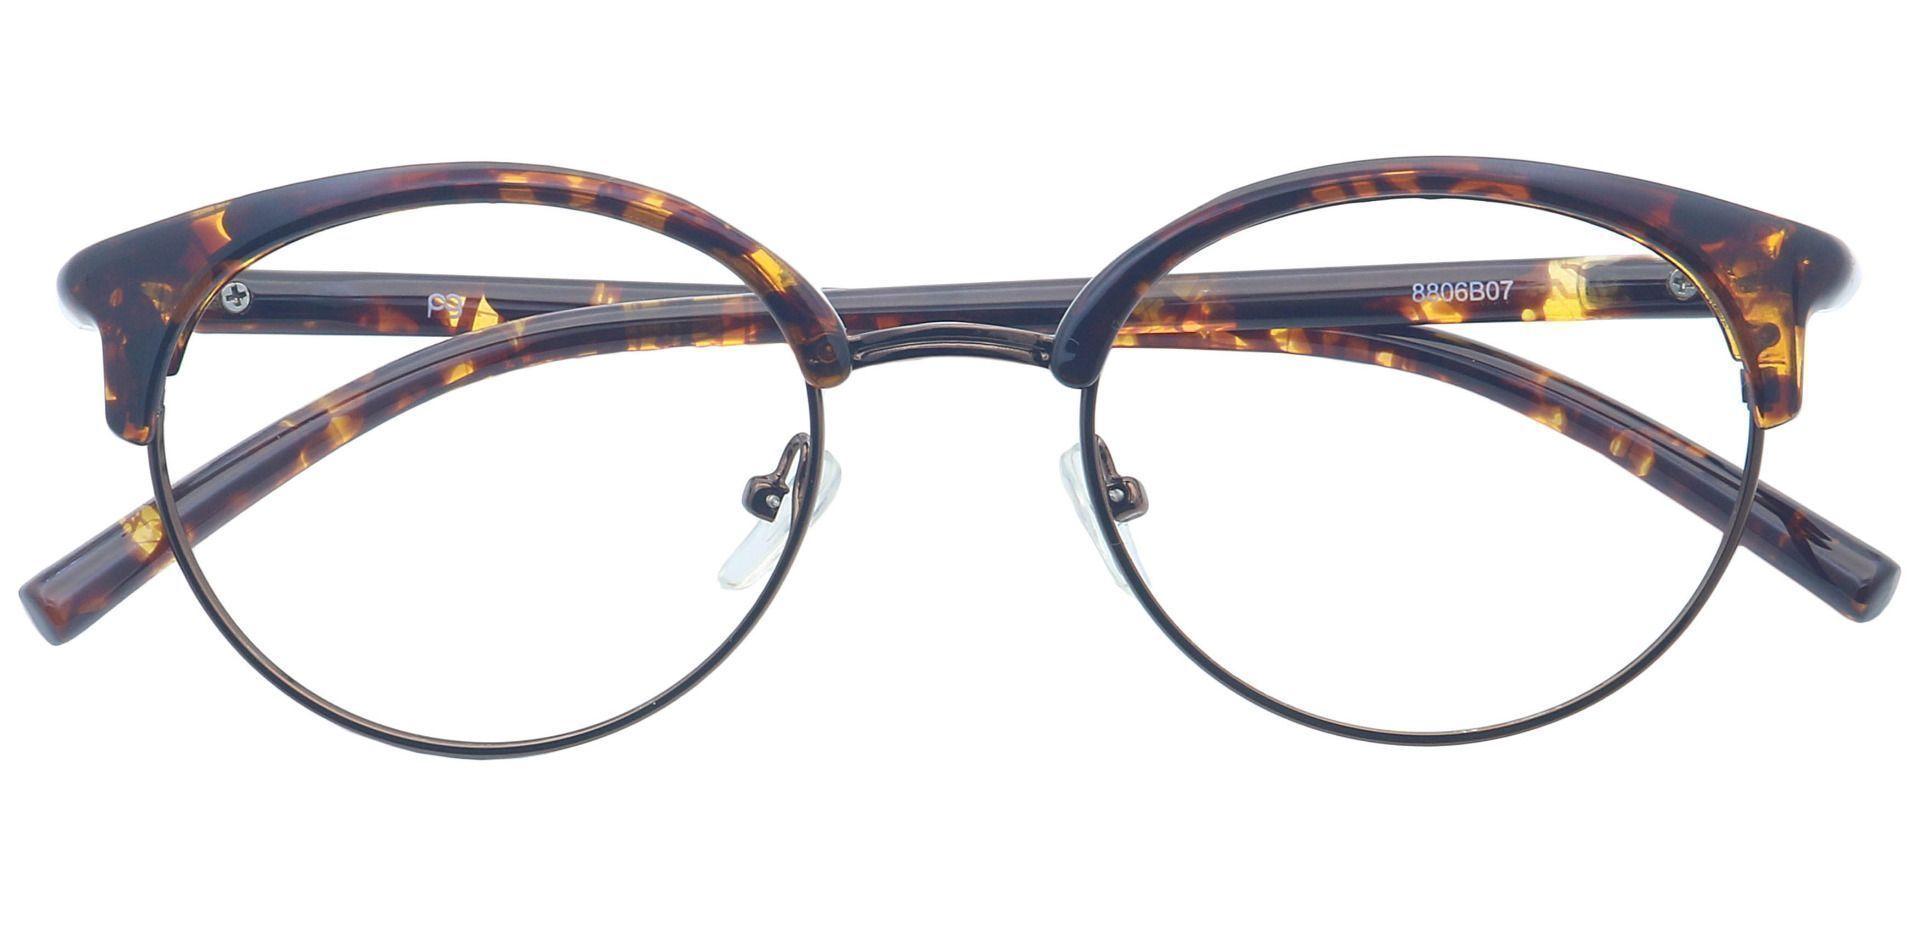 Harper Browline Reading Glasses - Brown